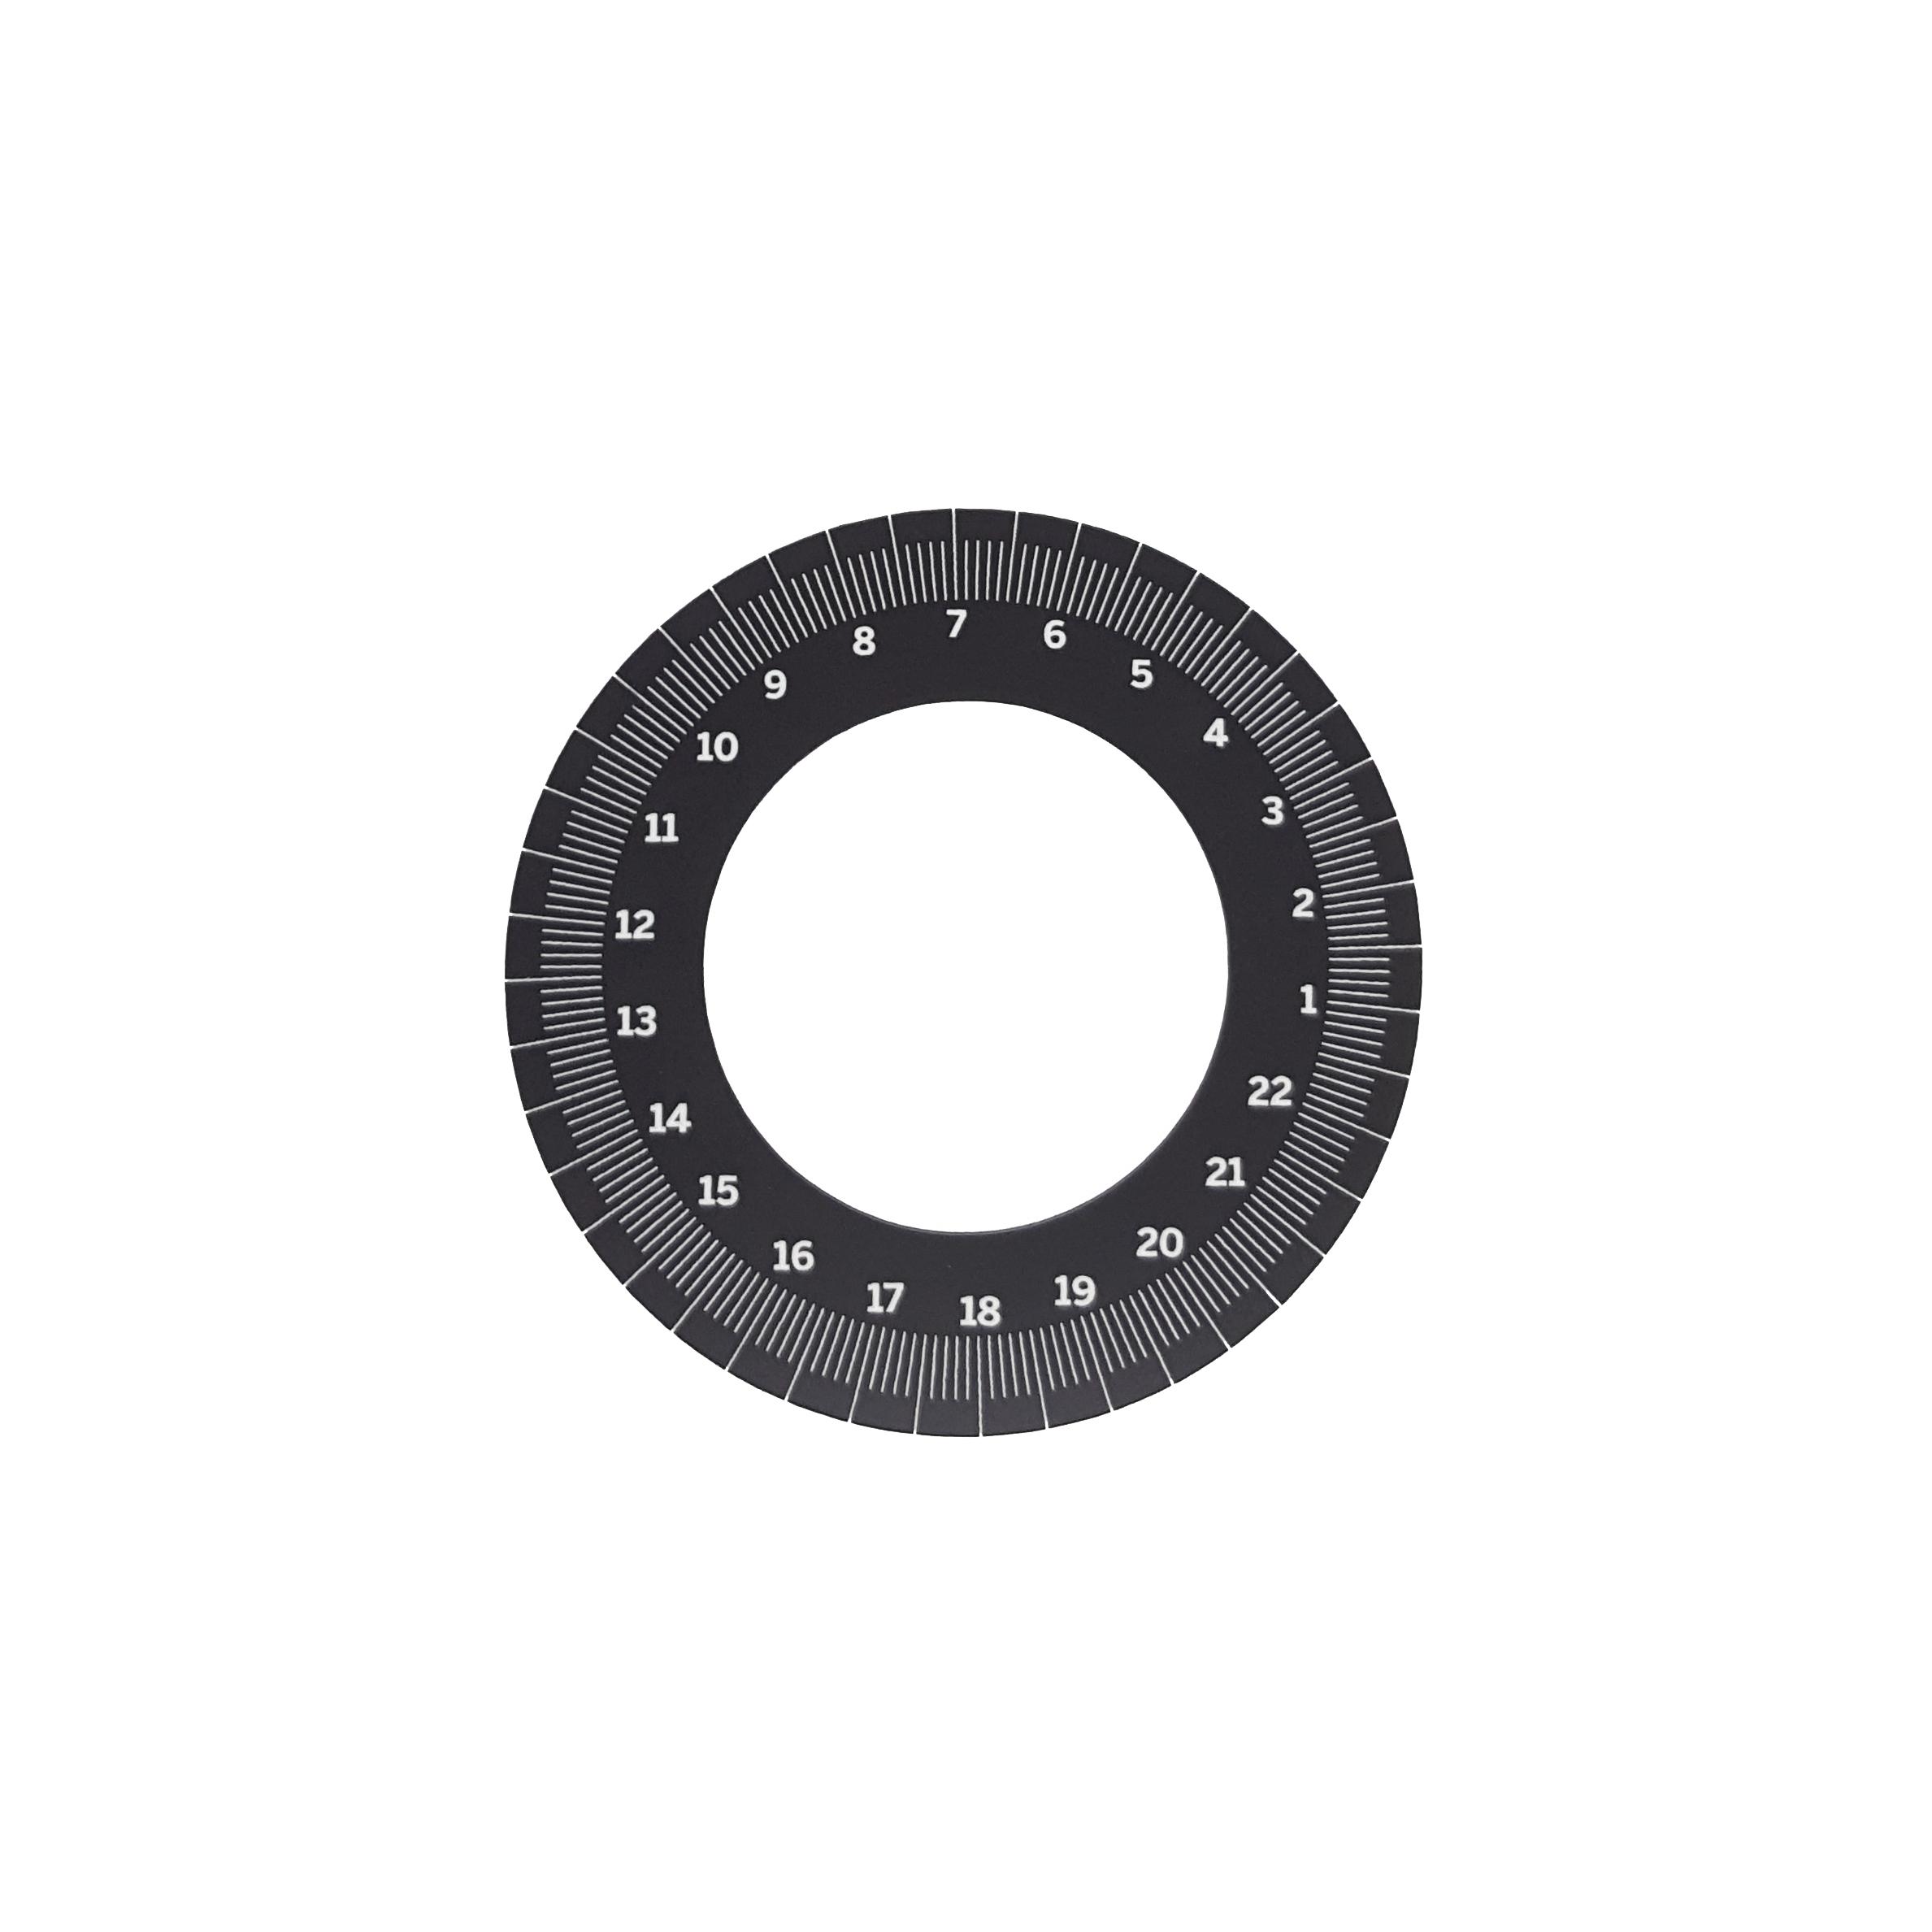 Mahlkonig EK43 Precision Dial BLACK